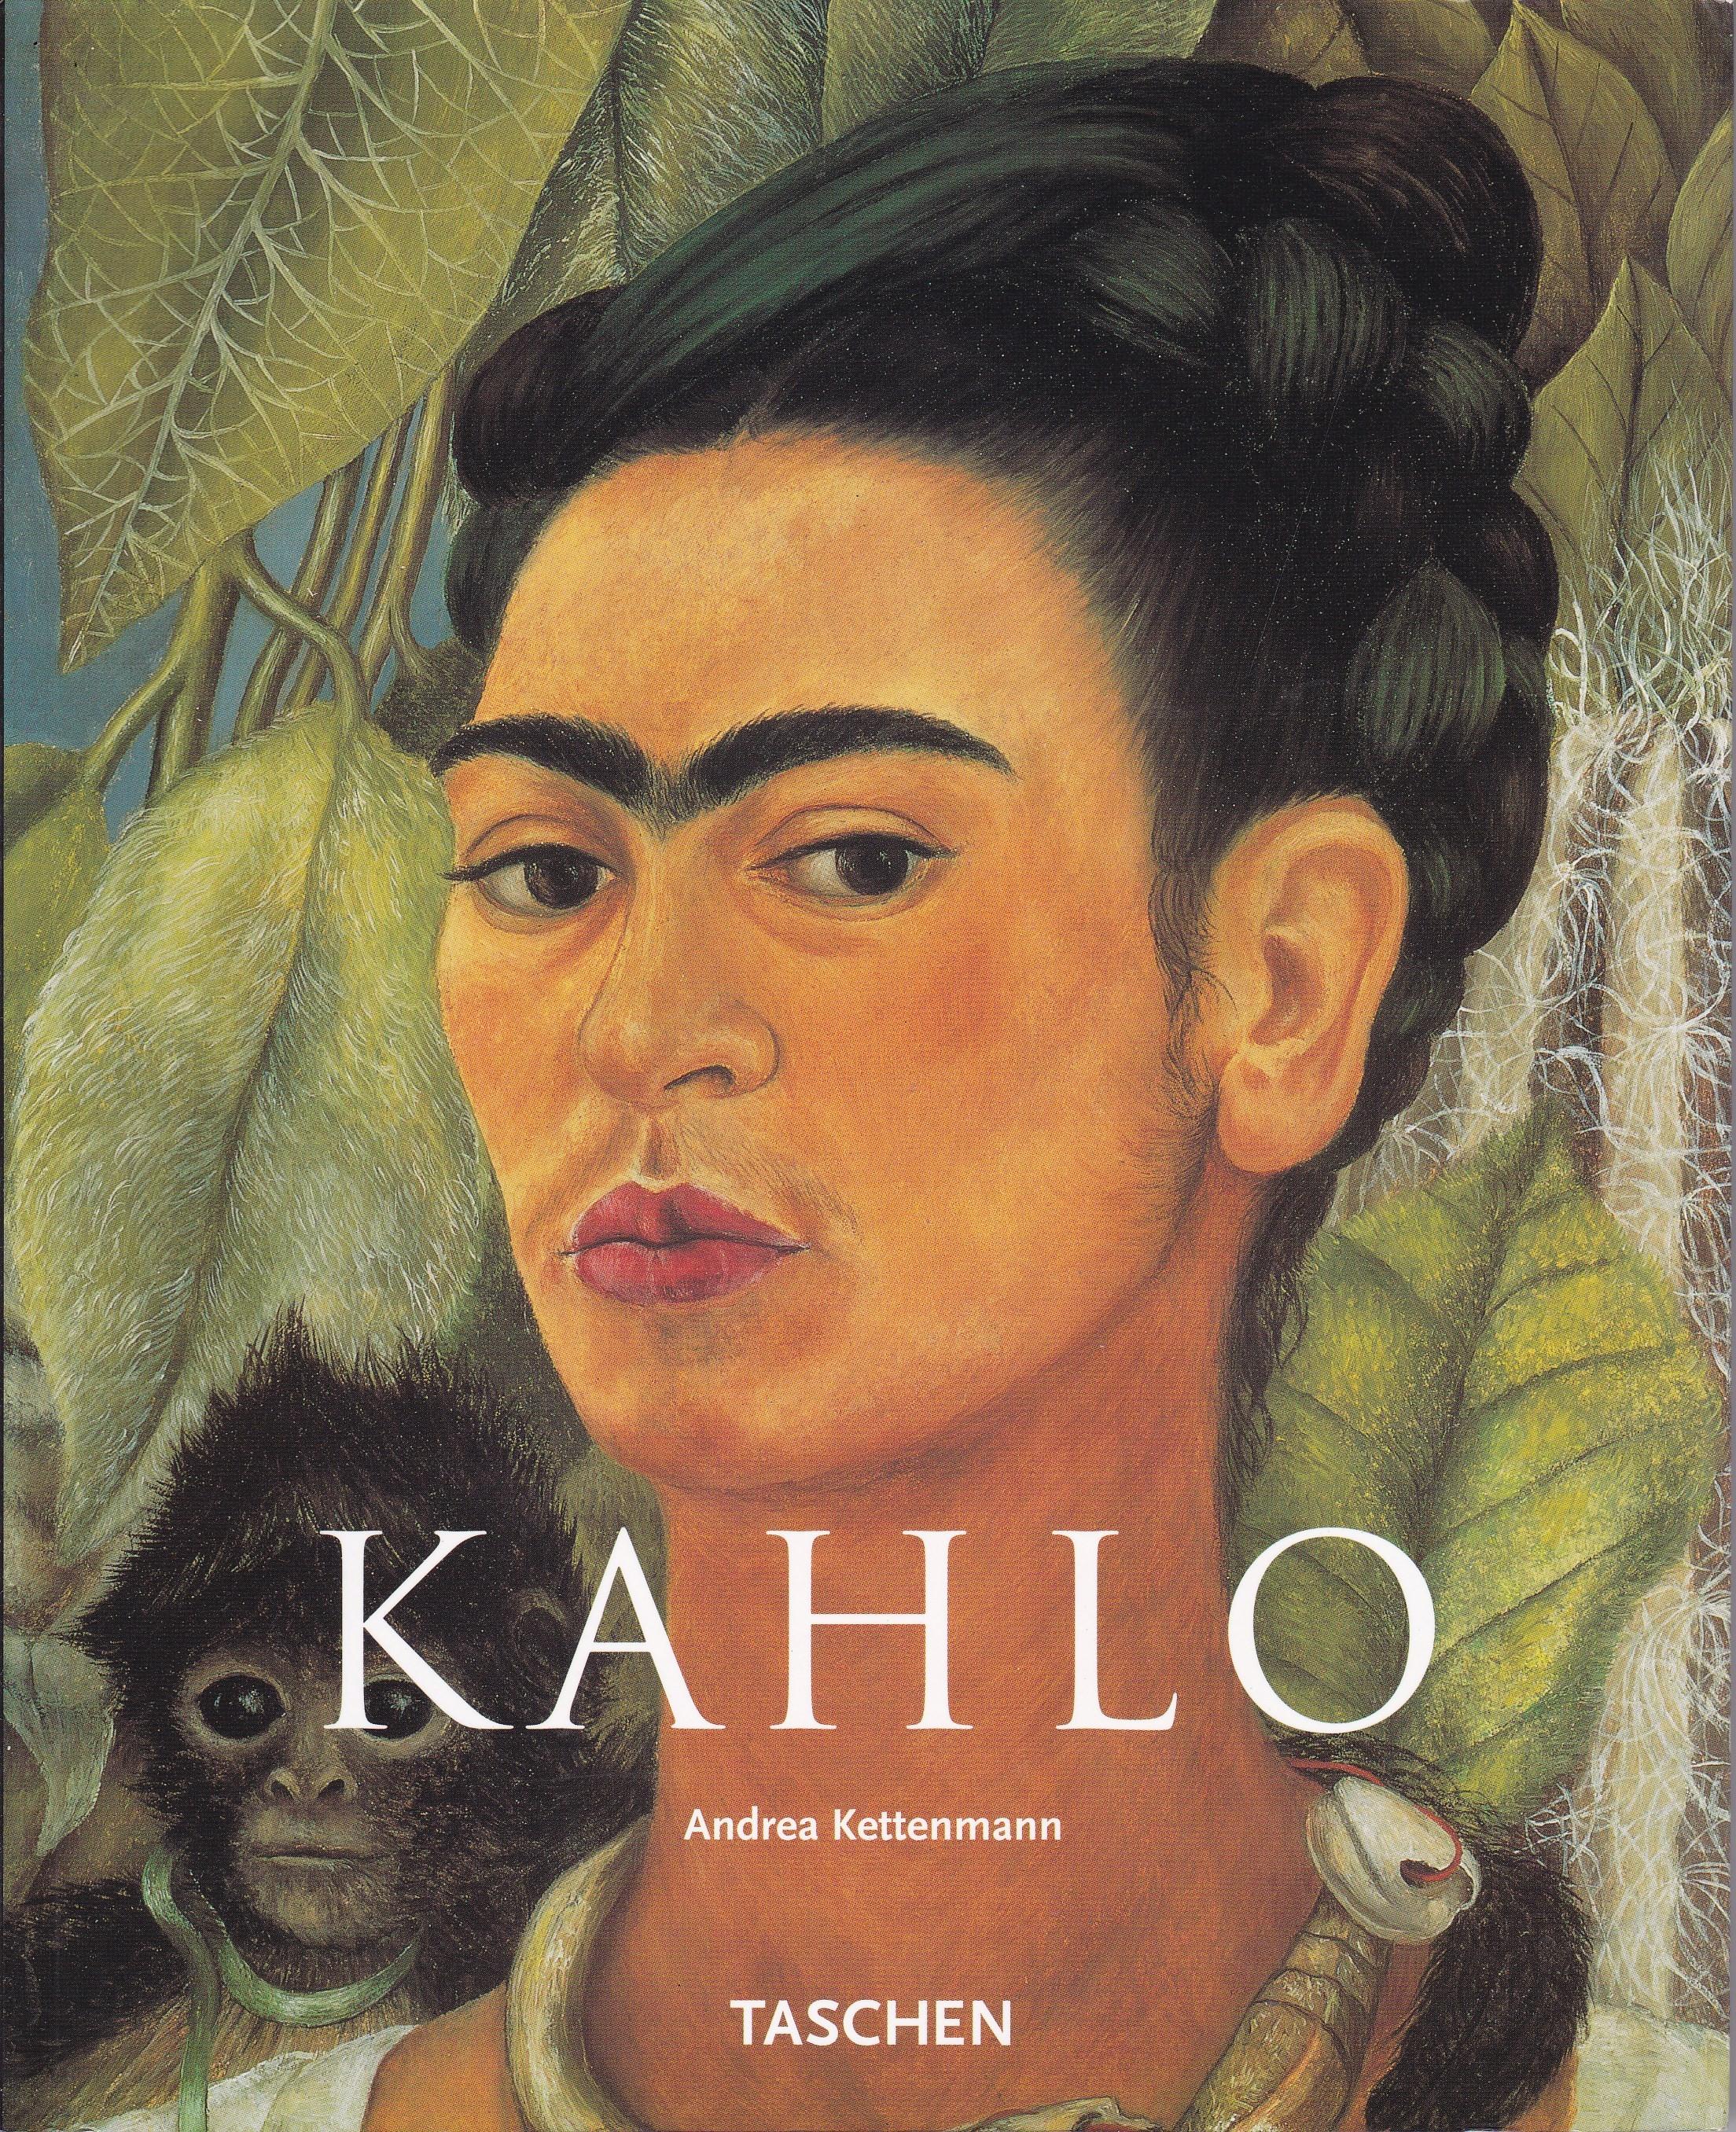 ドイツ語版 TASCHEN「KAHLO」Andrea Kettenmann